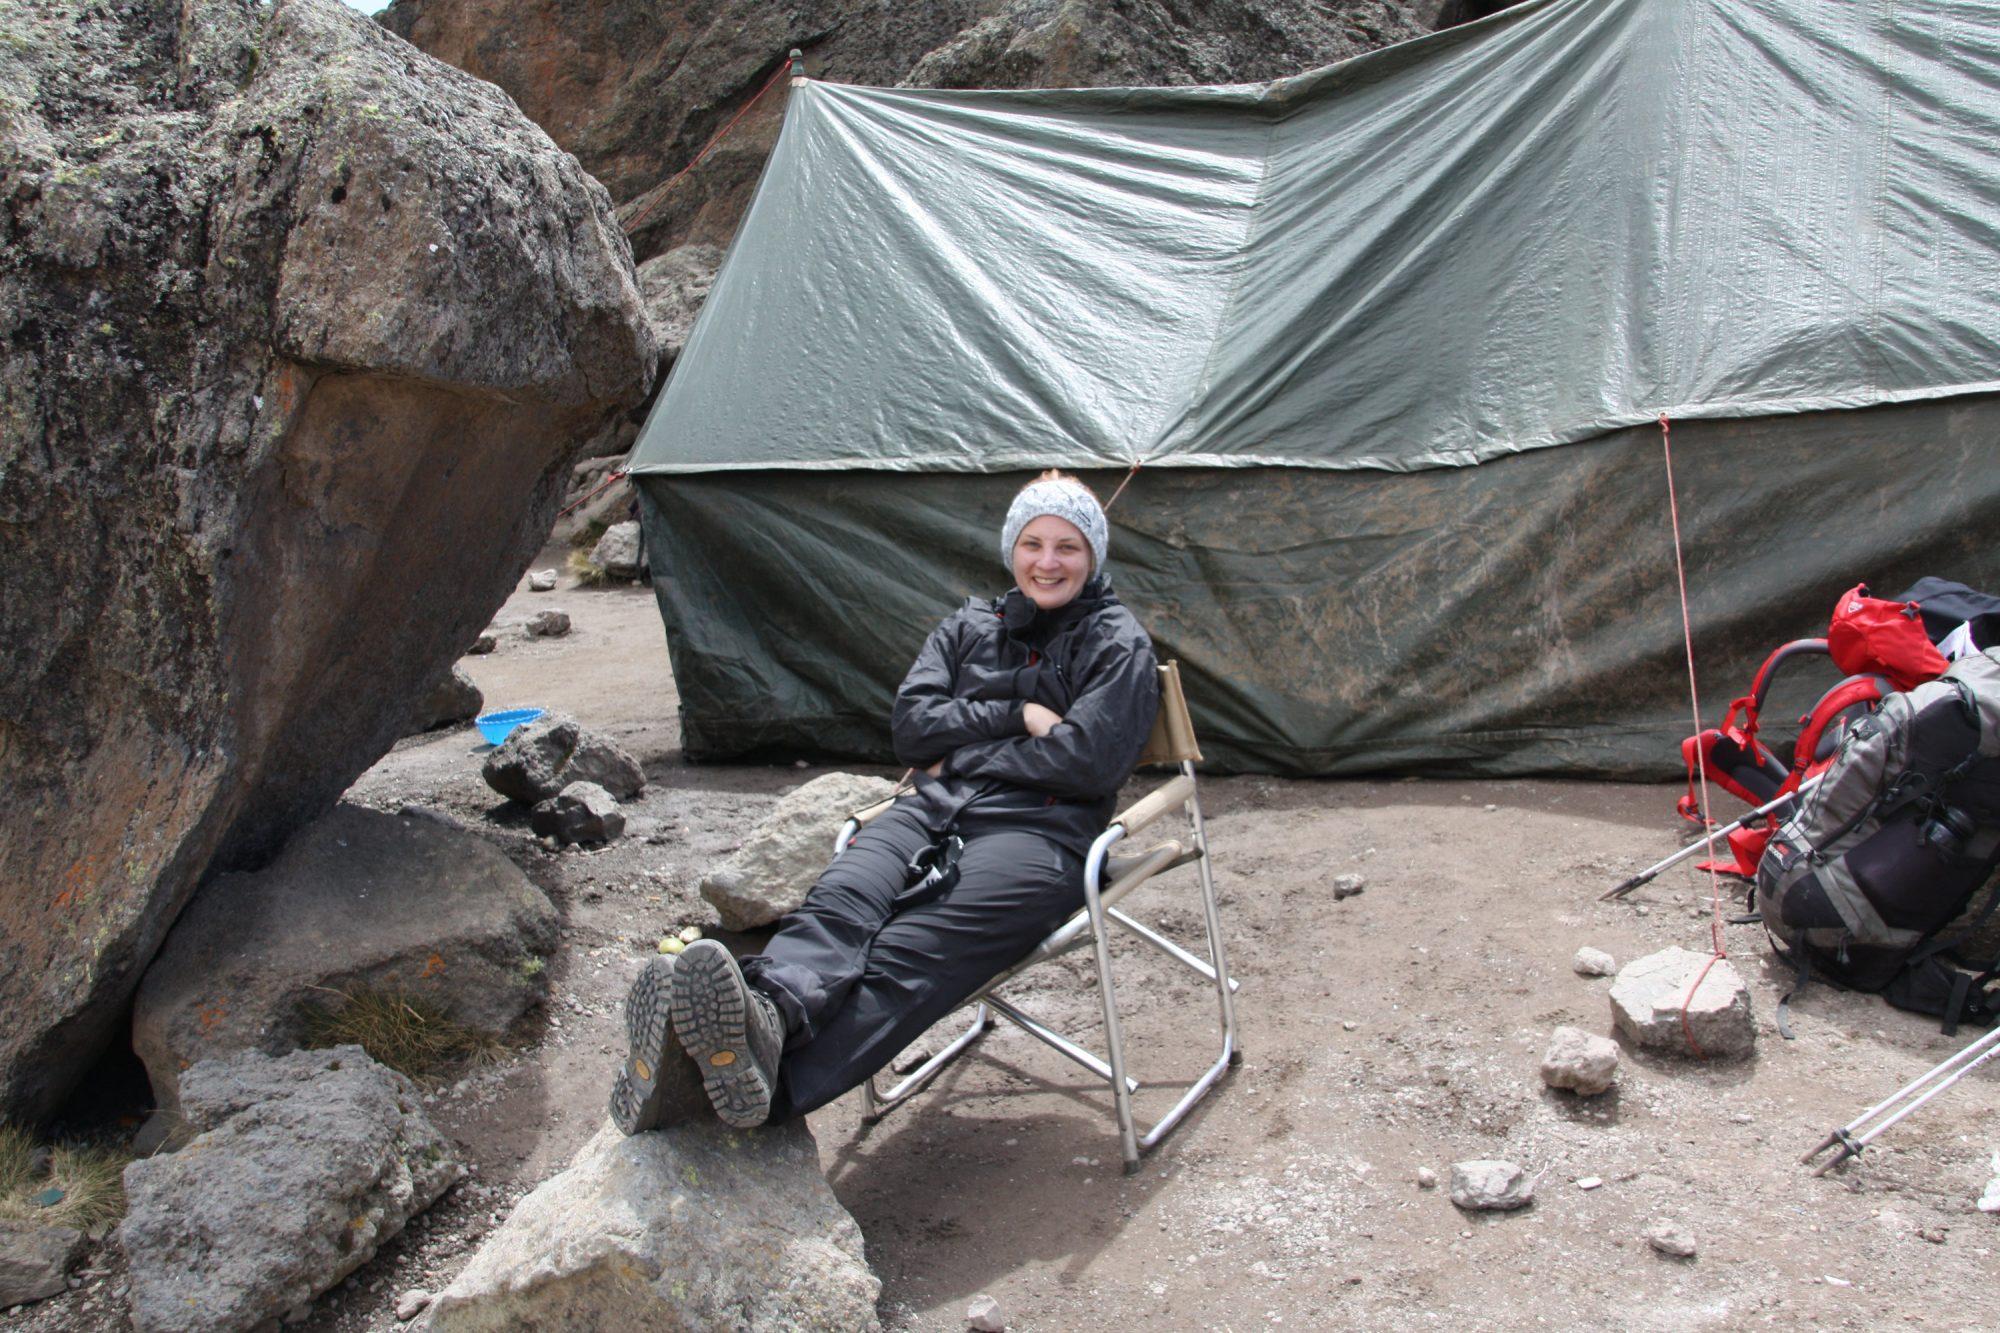 Pause mit Essenszelt, Kilimandscharo, Kilimandscharo besteigen, Tansania, Afrika, Kilimandscharo Tour, Erfahrungsbericht, Machame Route